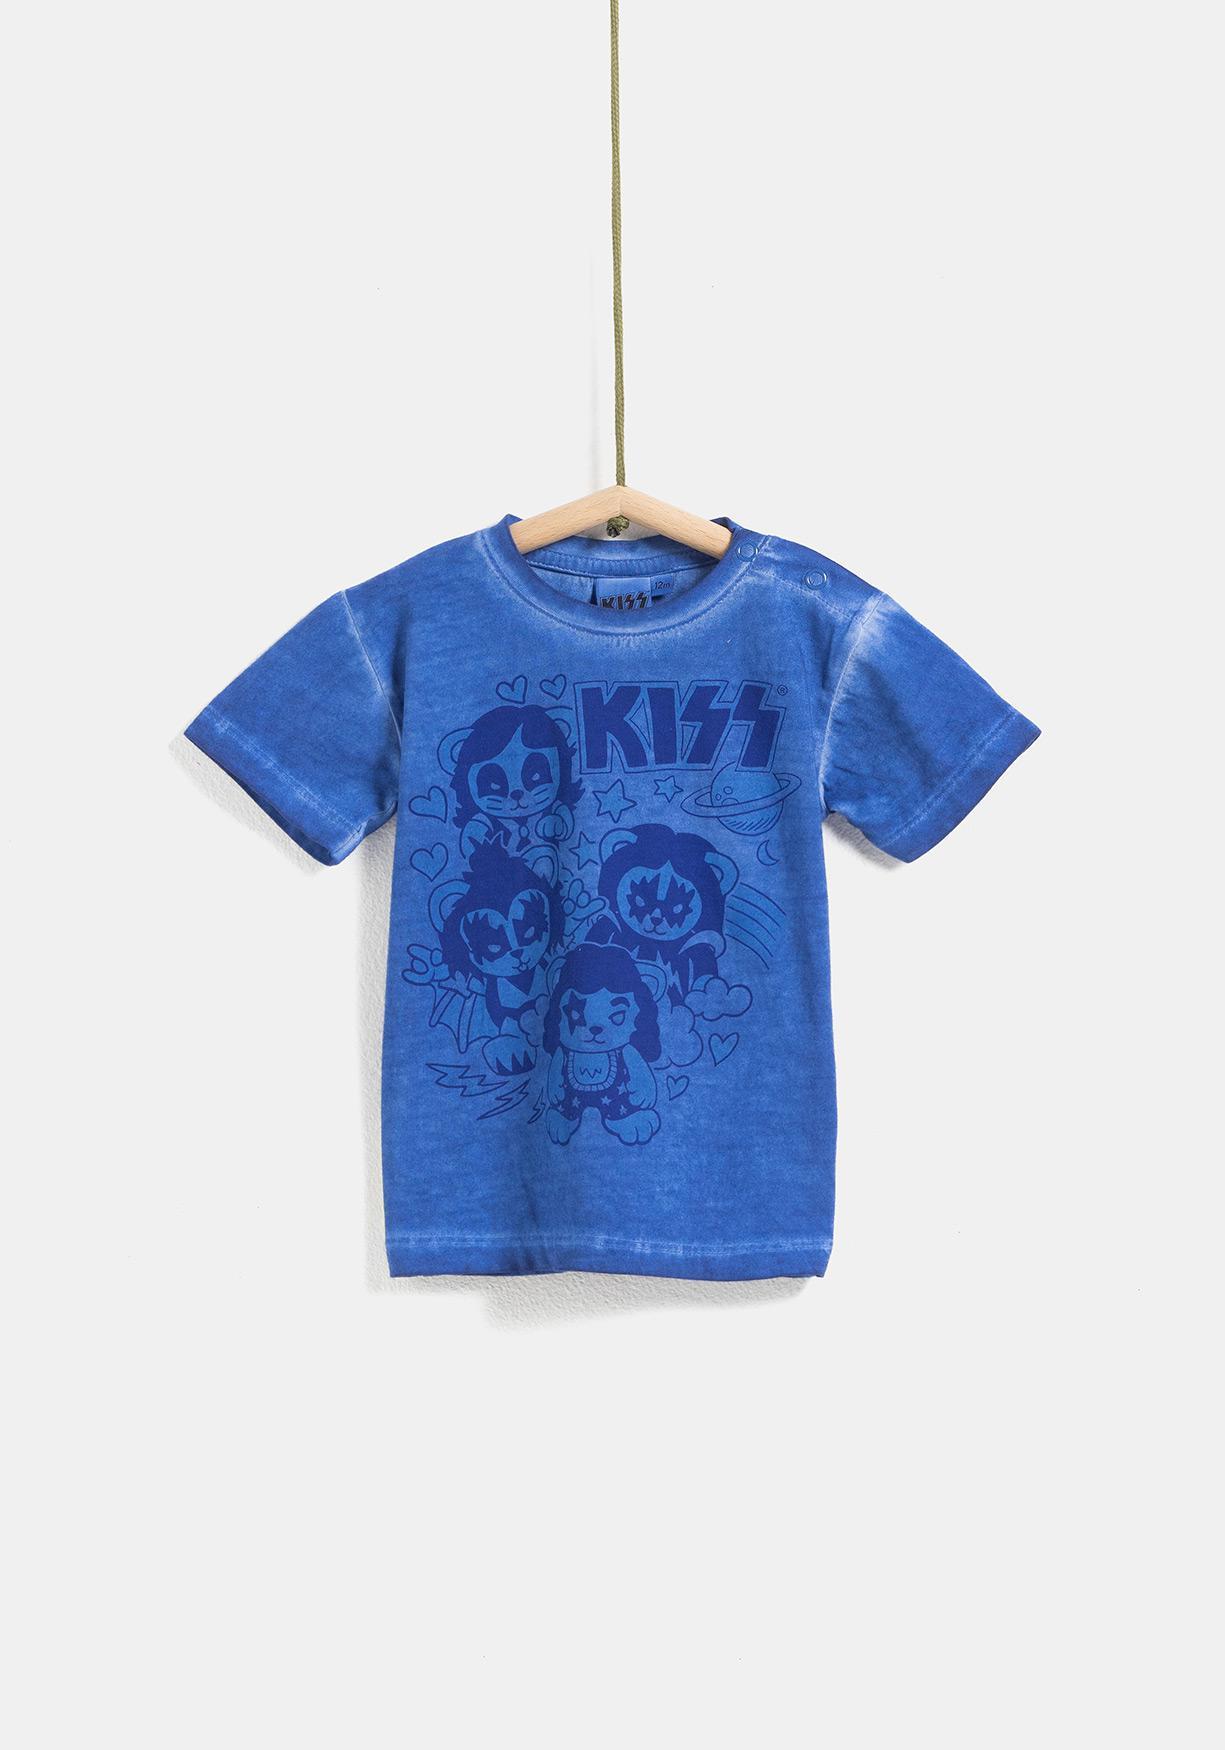 9e27ecf6a Comprar Camiseta de manga corta unisex Kiss. ¡Aprovéchate de ...